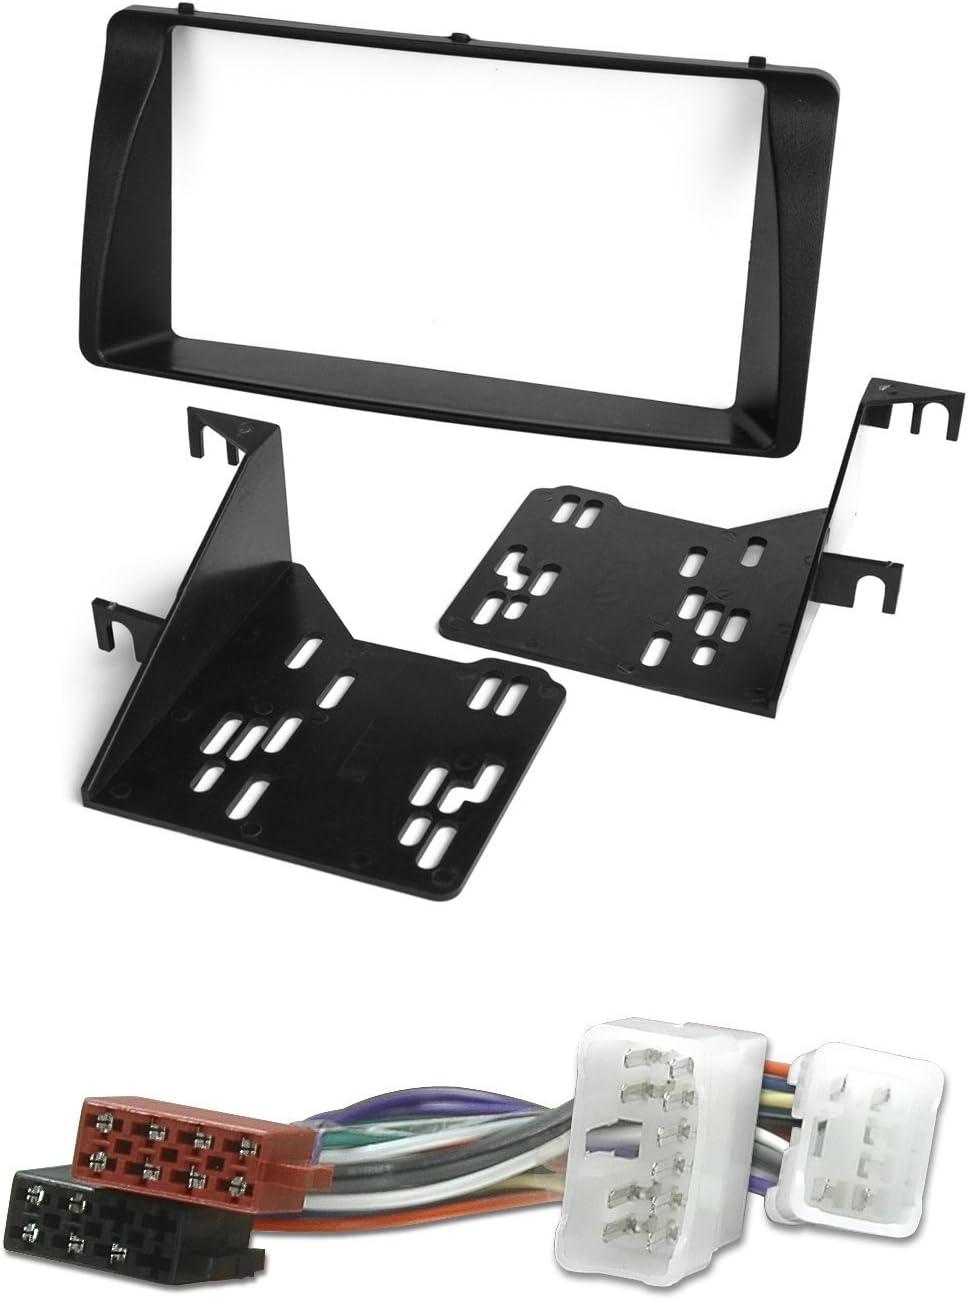 Mascherina Doppio DIN e Cavo Adattatore Set Installazione autoradio Watermark #6202//1172